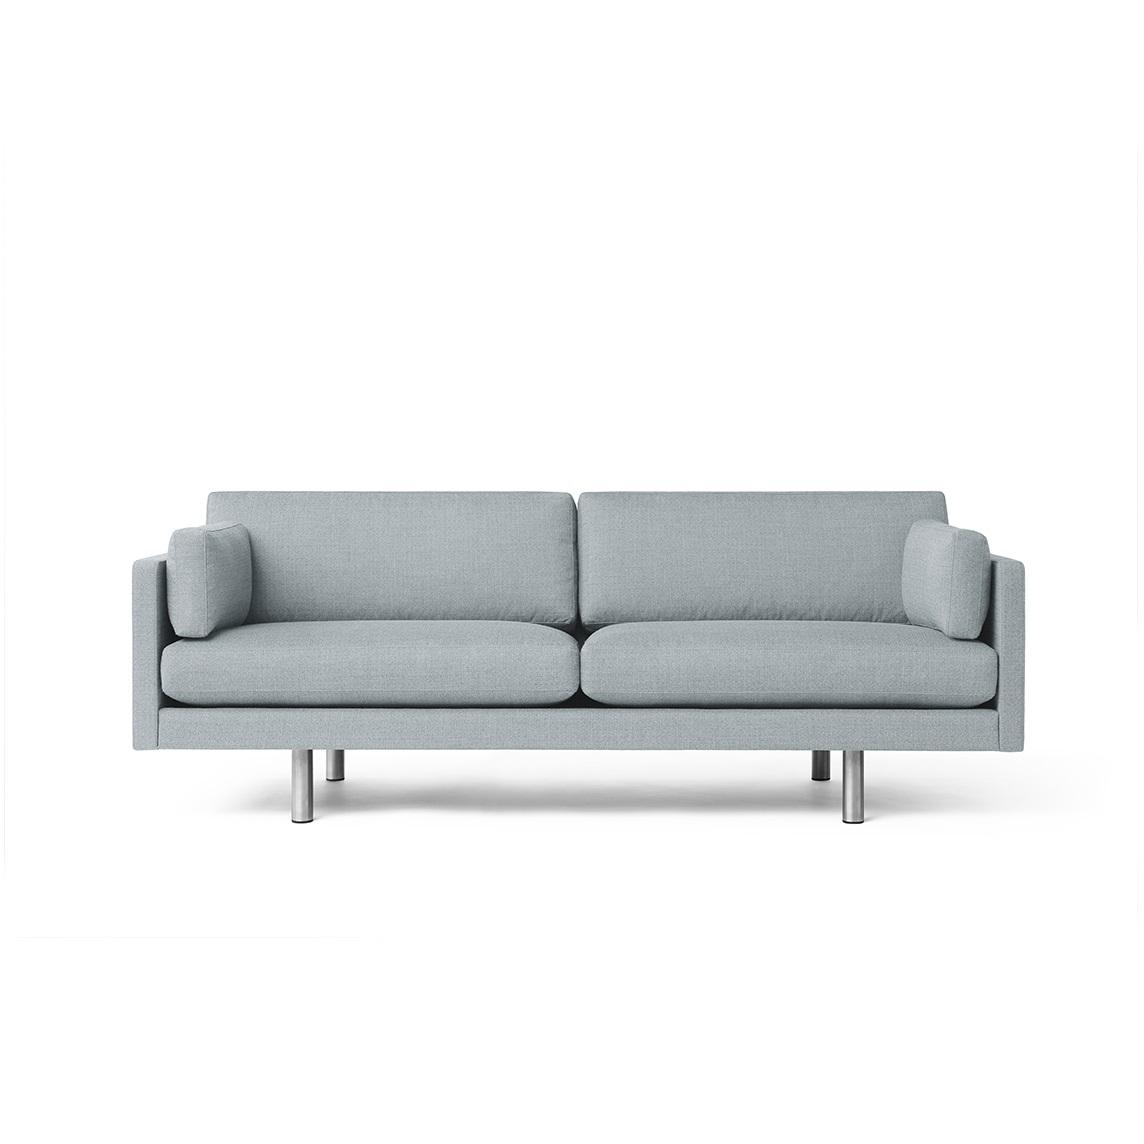 Picture of: Ej220 Sofa Stofpolstret Fra Erik Jorgensen Flere Varianter Tilbud